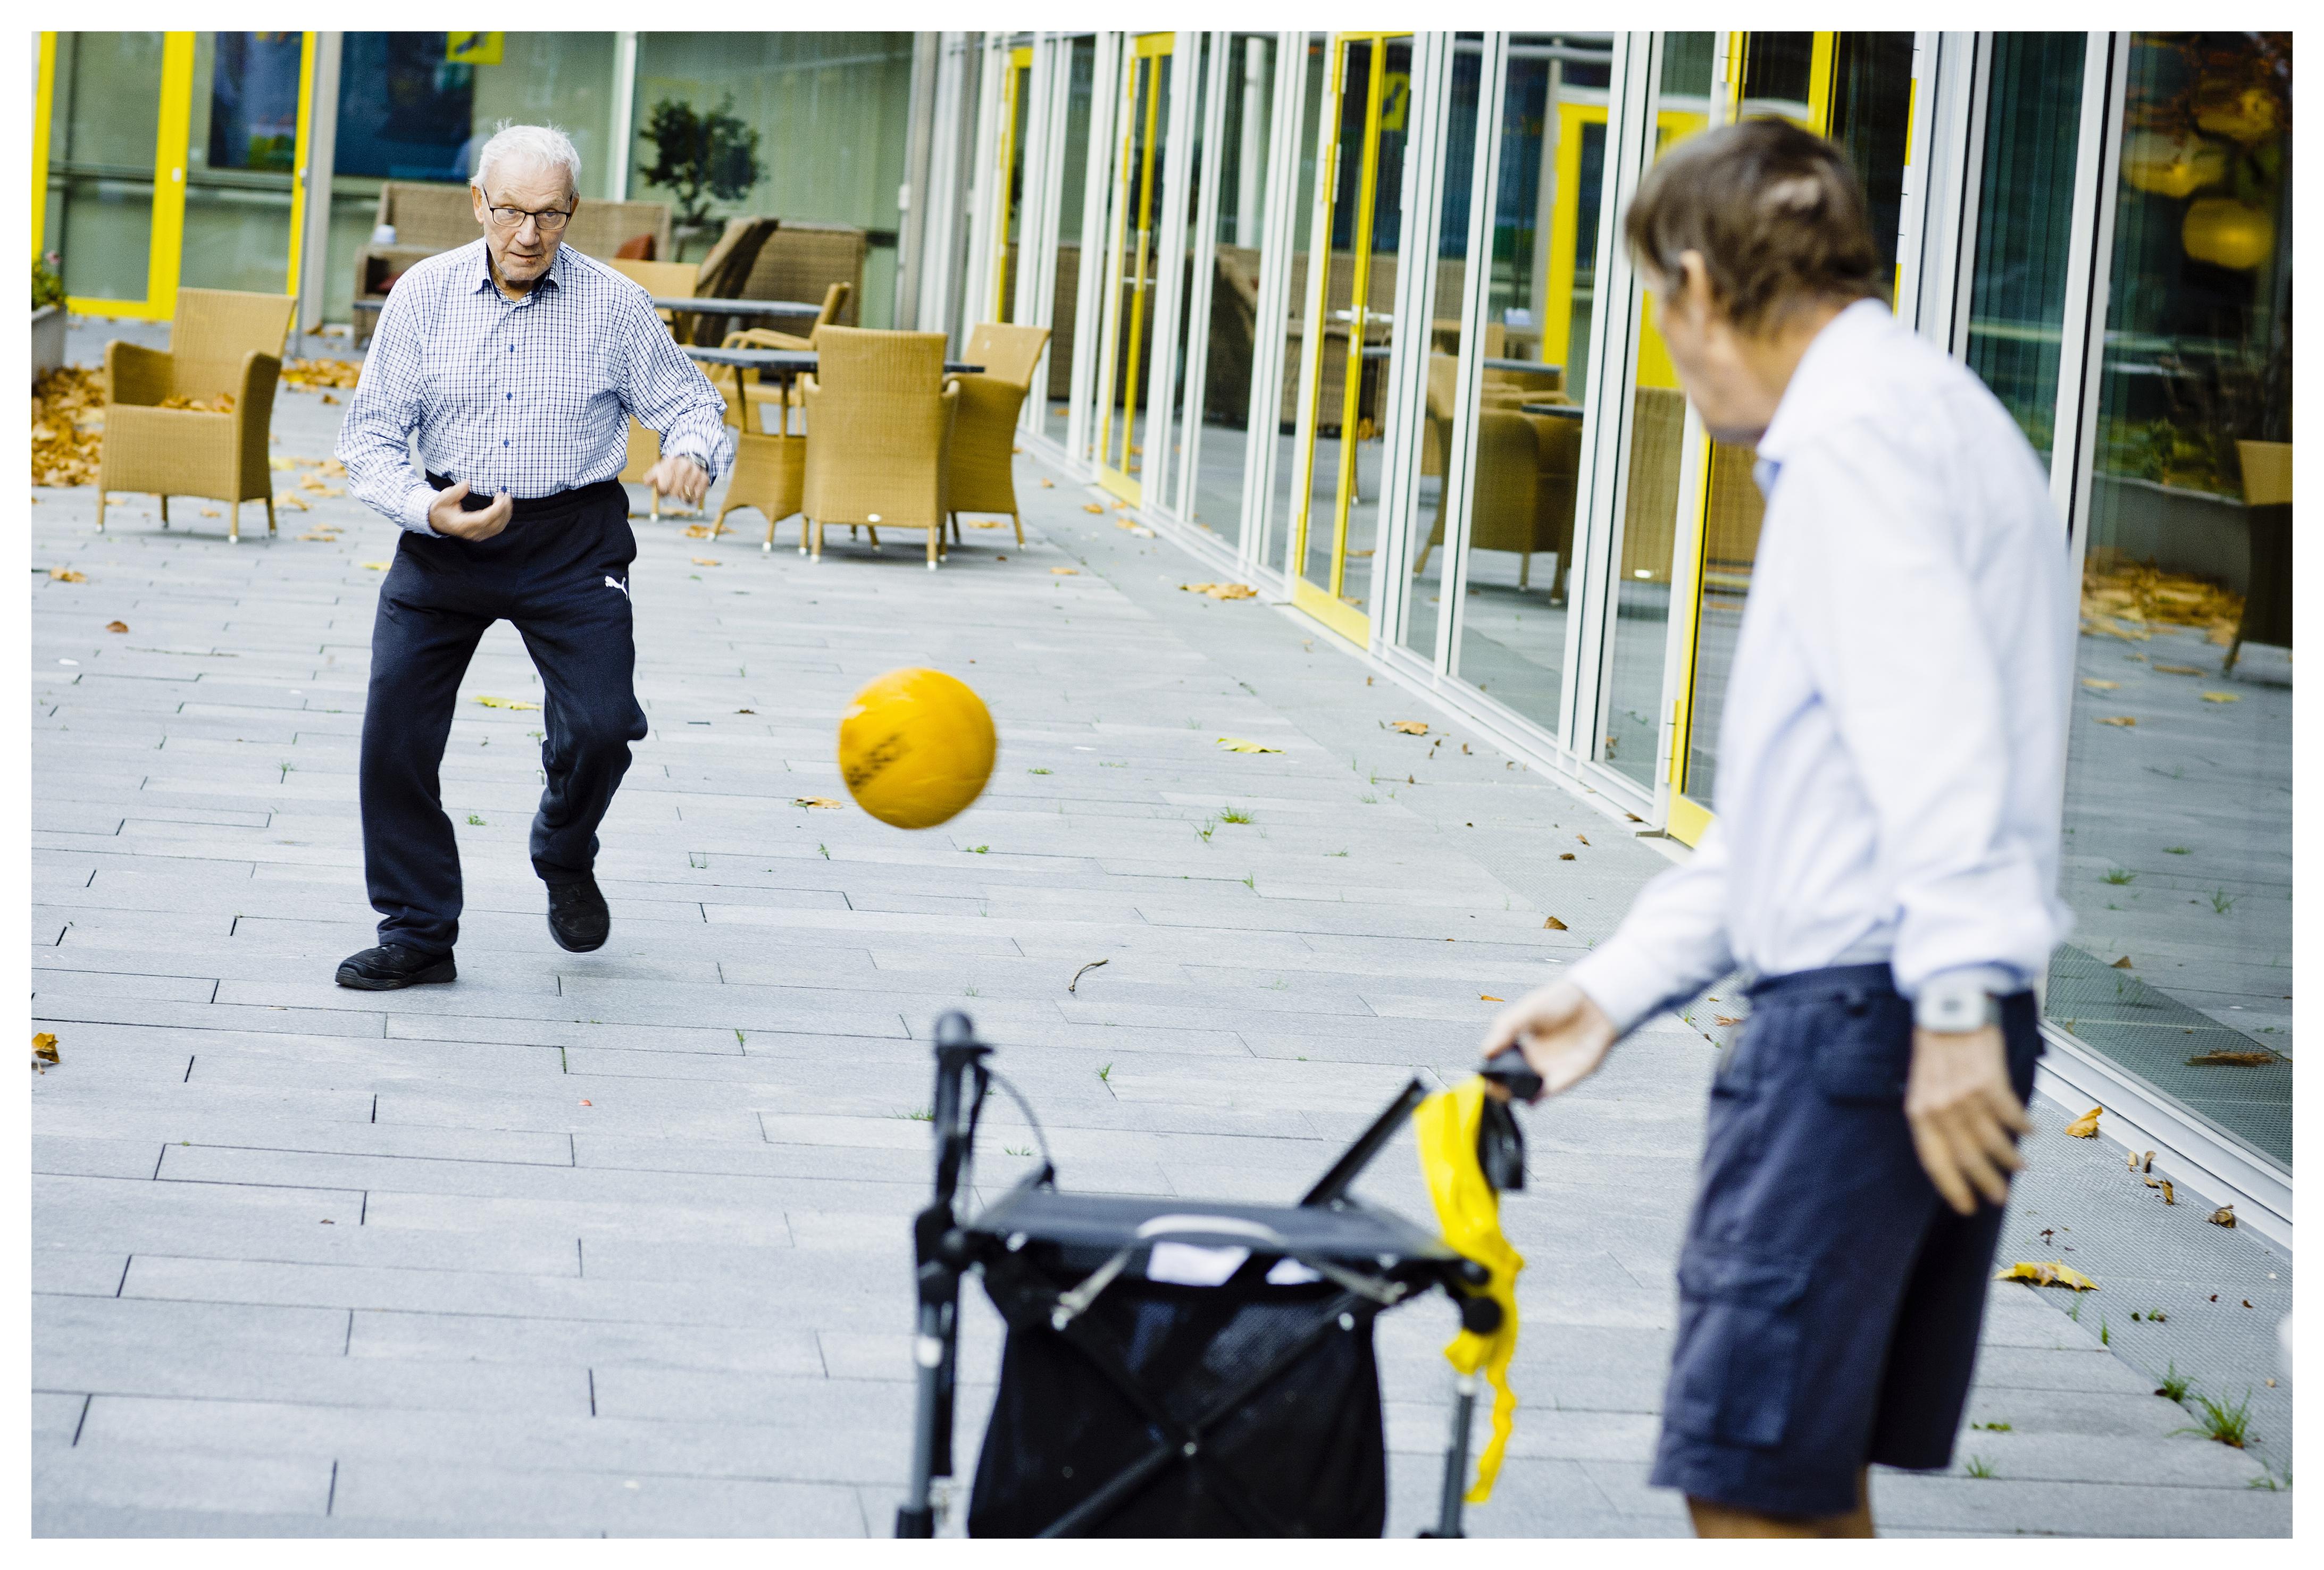 - Fysisk aktivitet er godt for mennesker med demens. Det bevarer deres sanser, og det giver dem en anden form for sammenhold, end hvis de bare sidder og snakker om sporten. I samtalegrupper er der altid en fagperson, der styrer. Det er der ikke på samme måde, når man spiller fodbold – der er fri leg, siger Jonas Holsbæk.